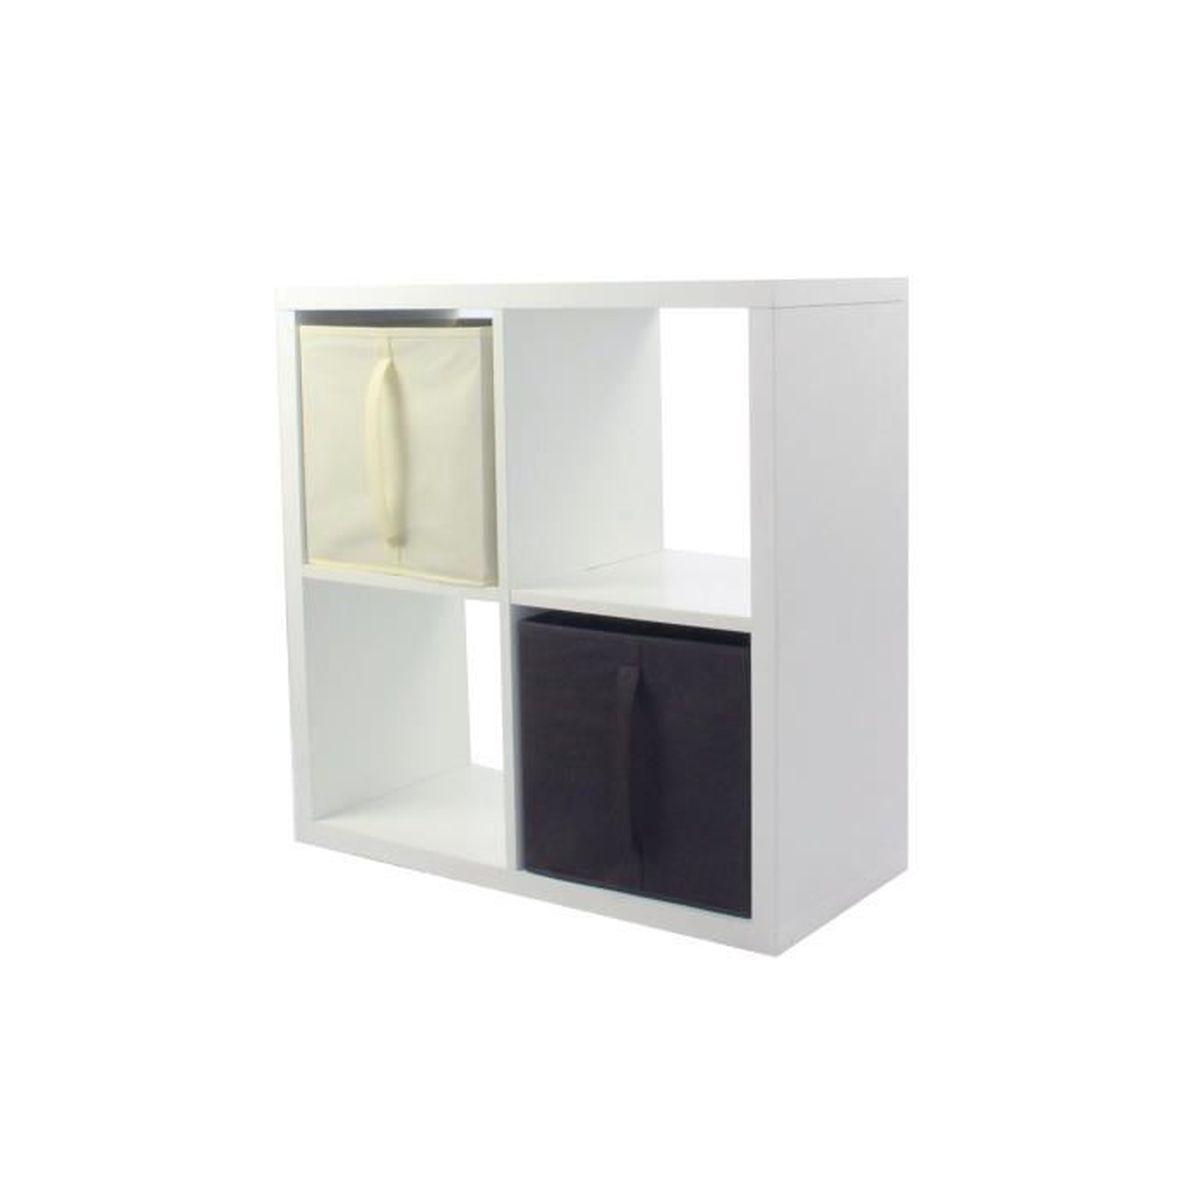 MEUBLE ÉTAGÈRE COMPO Meuble De Rangement 4 Cases + 2 Cubes Chocol